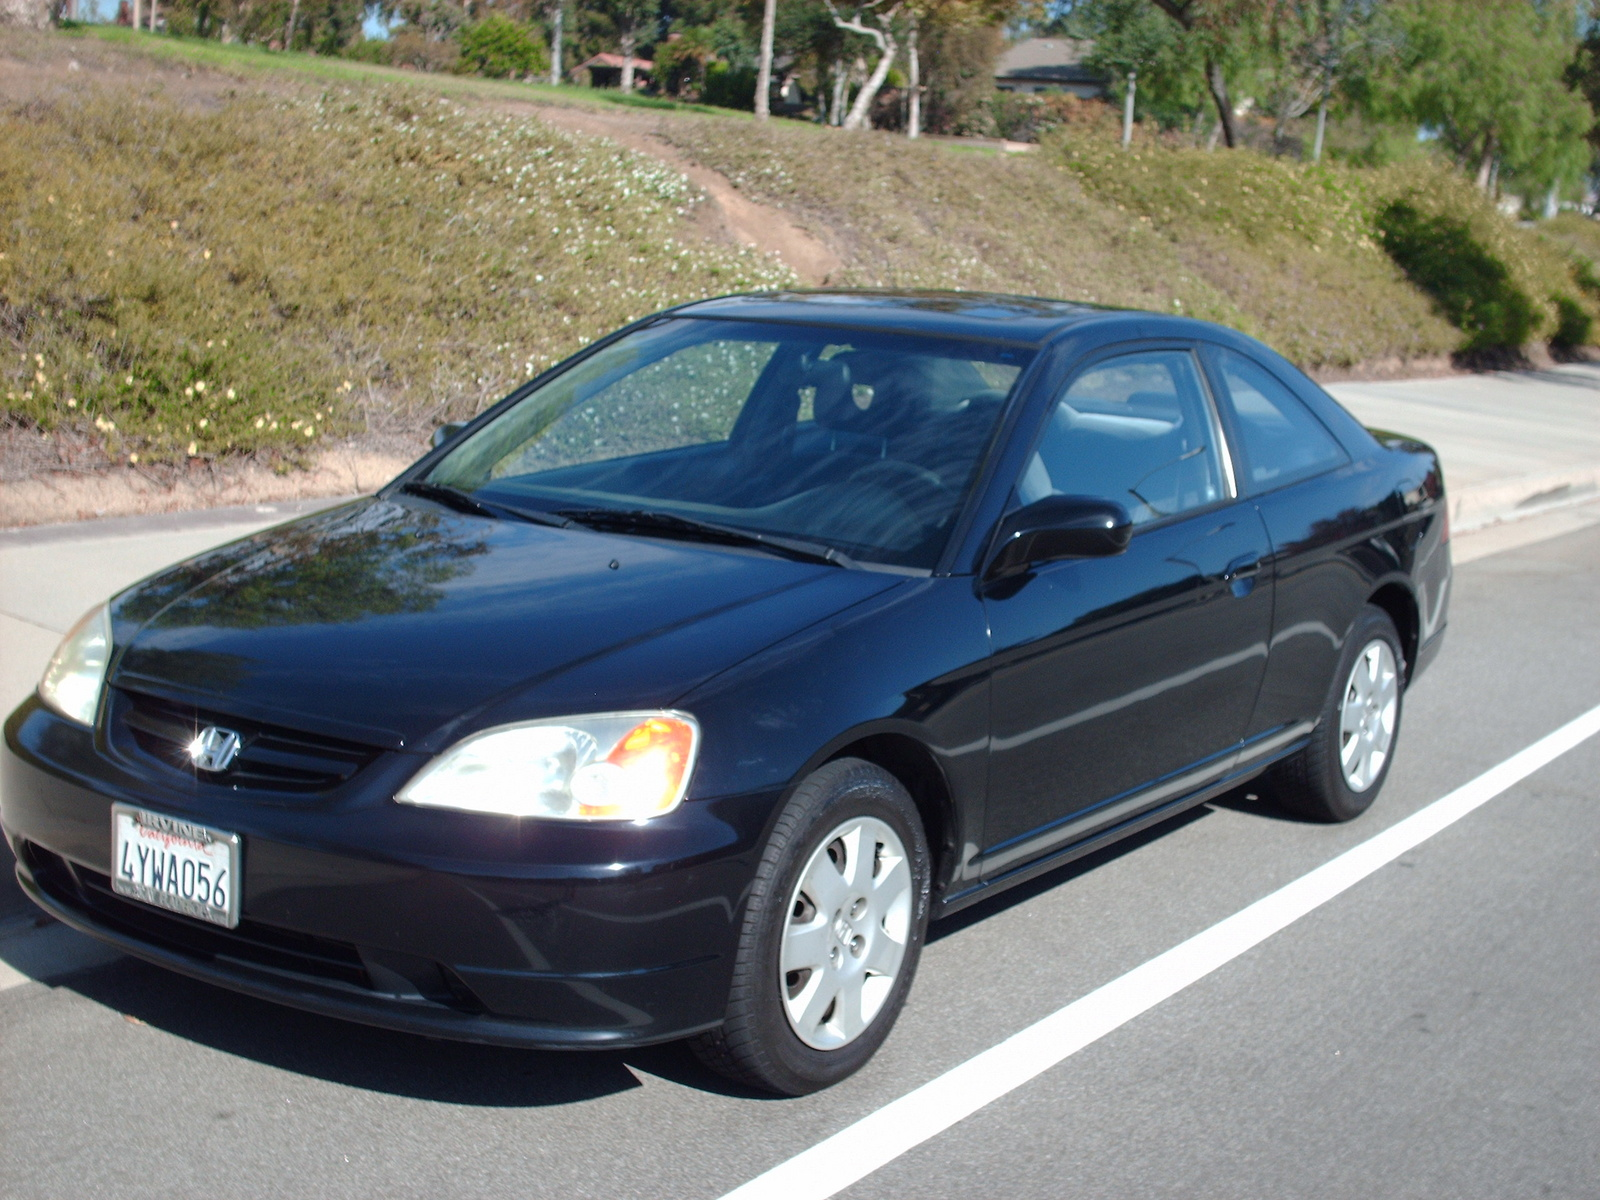 2002 Honda Civic Coupe - Pictures - CarGurus